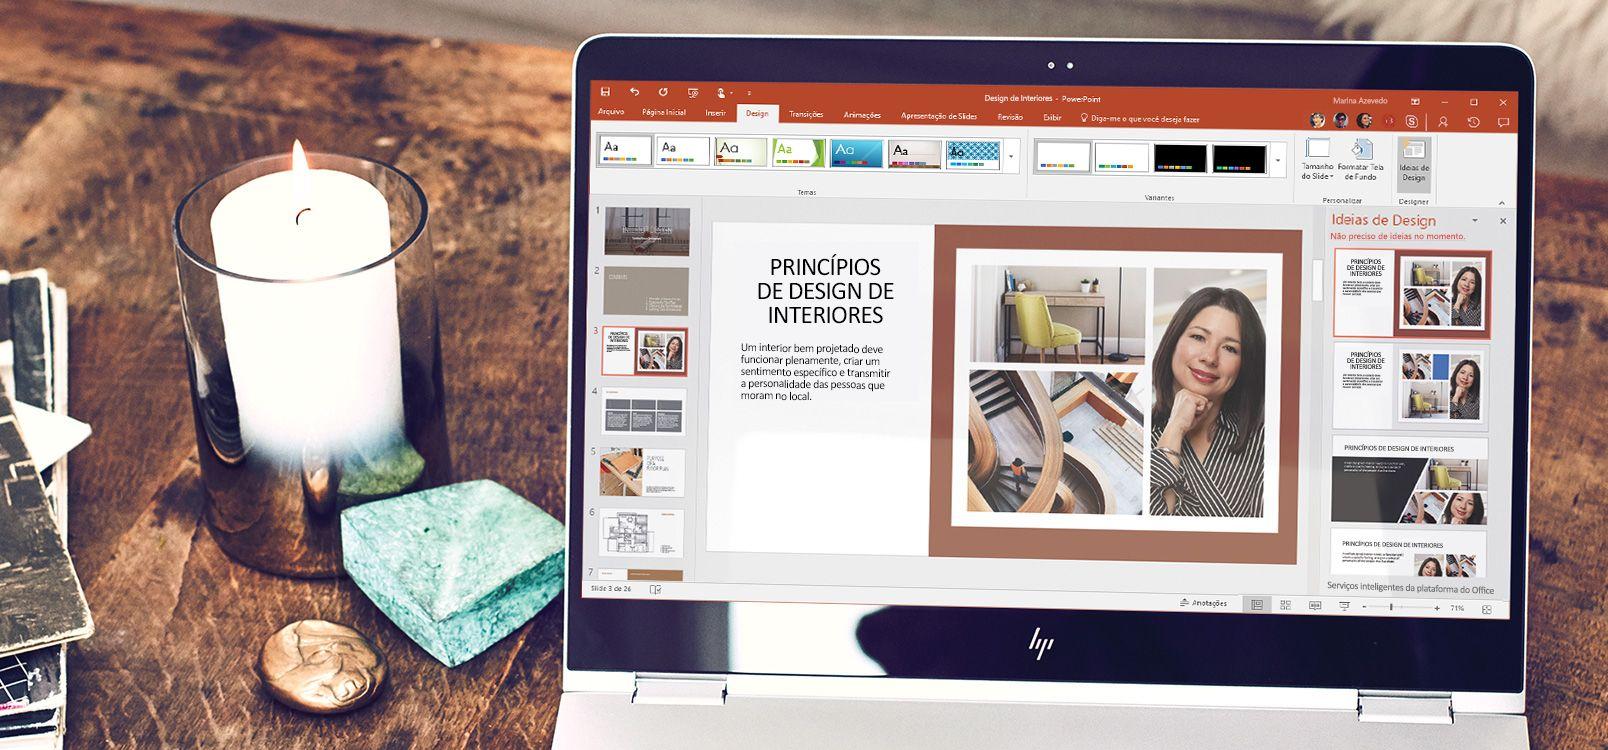 Tela de um laptop mostrando um documento do PowerPoint usando o recurso Designer do PowerPoint